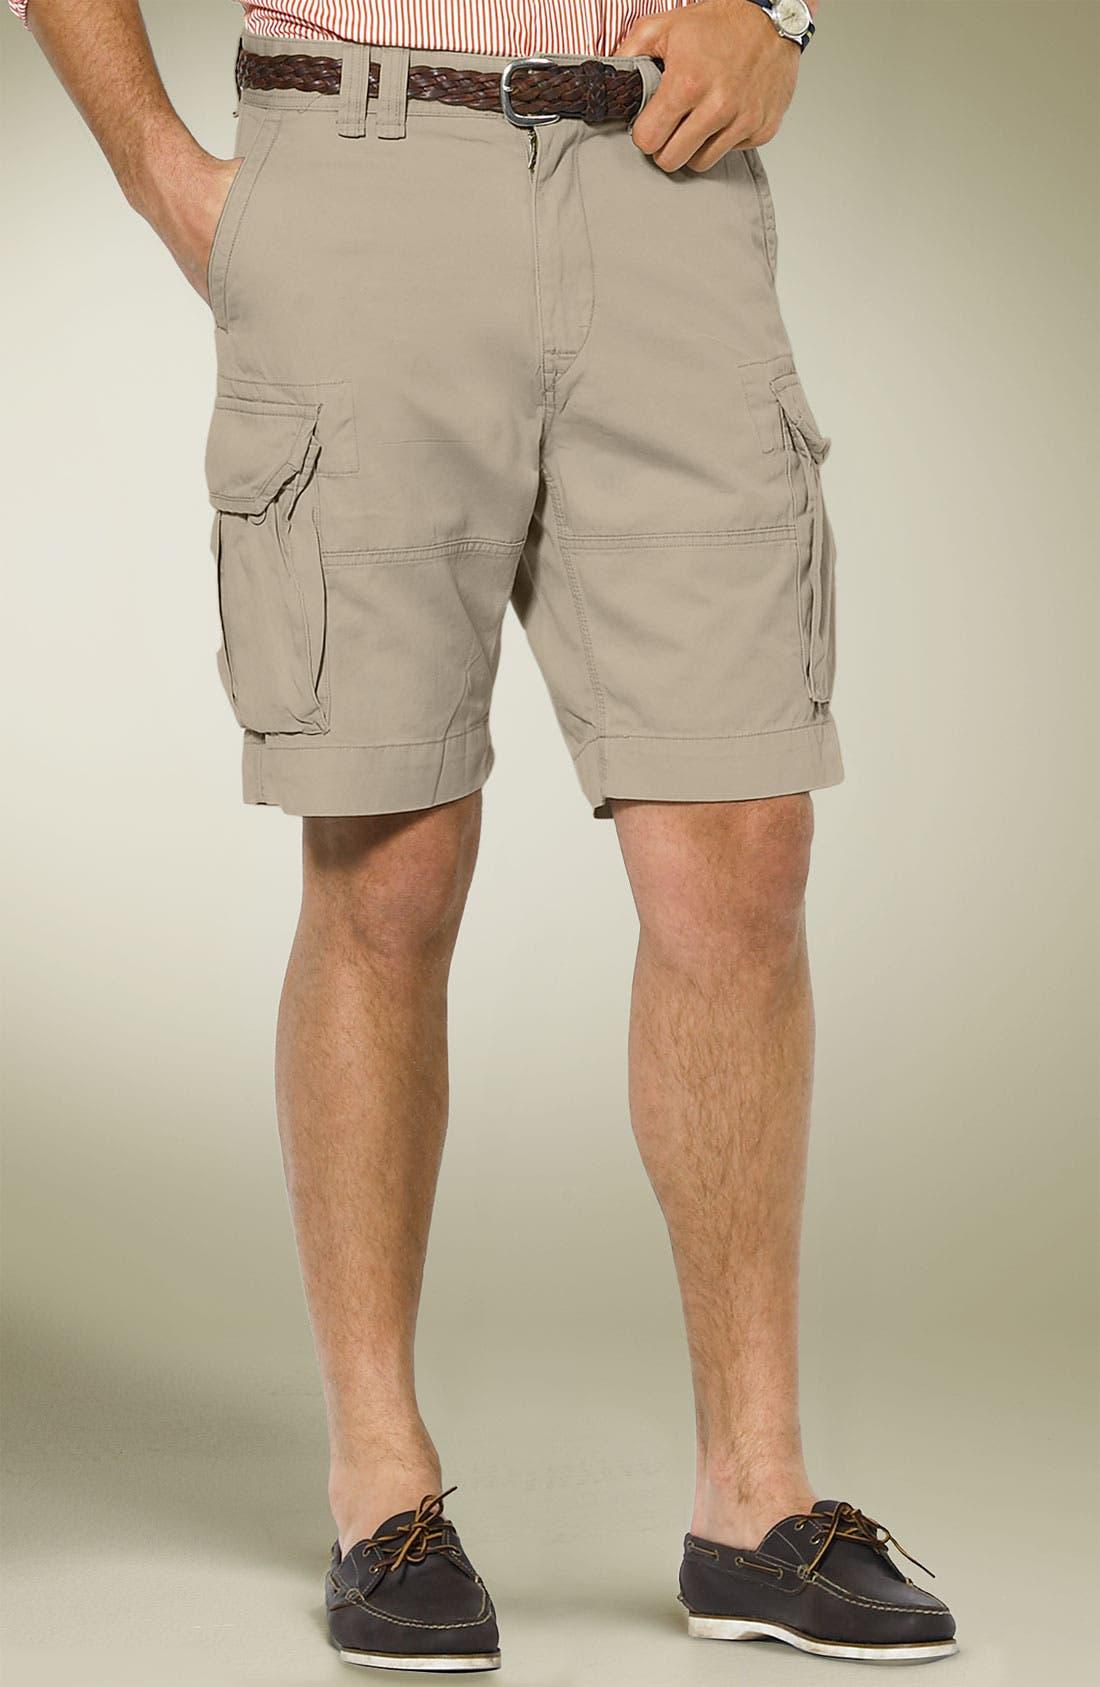 Alternate Image 1 Selected - Polo Ralph Lauren 'Gellar' Fatigue Cargo Shorts